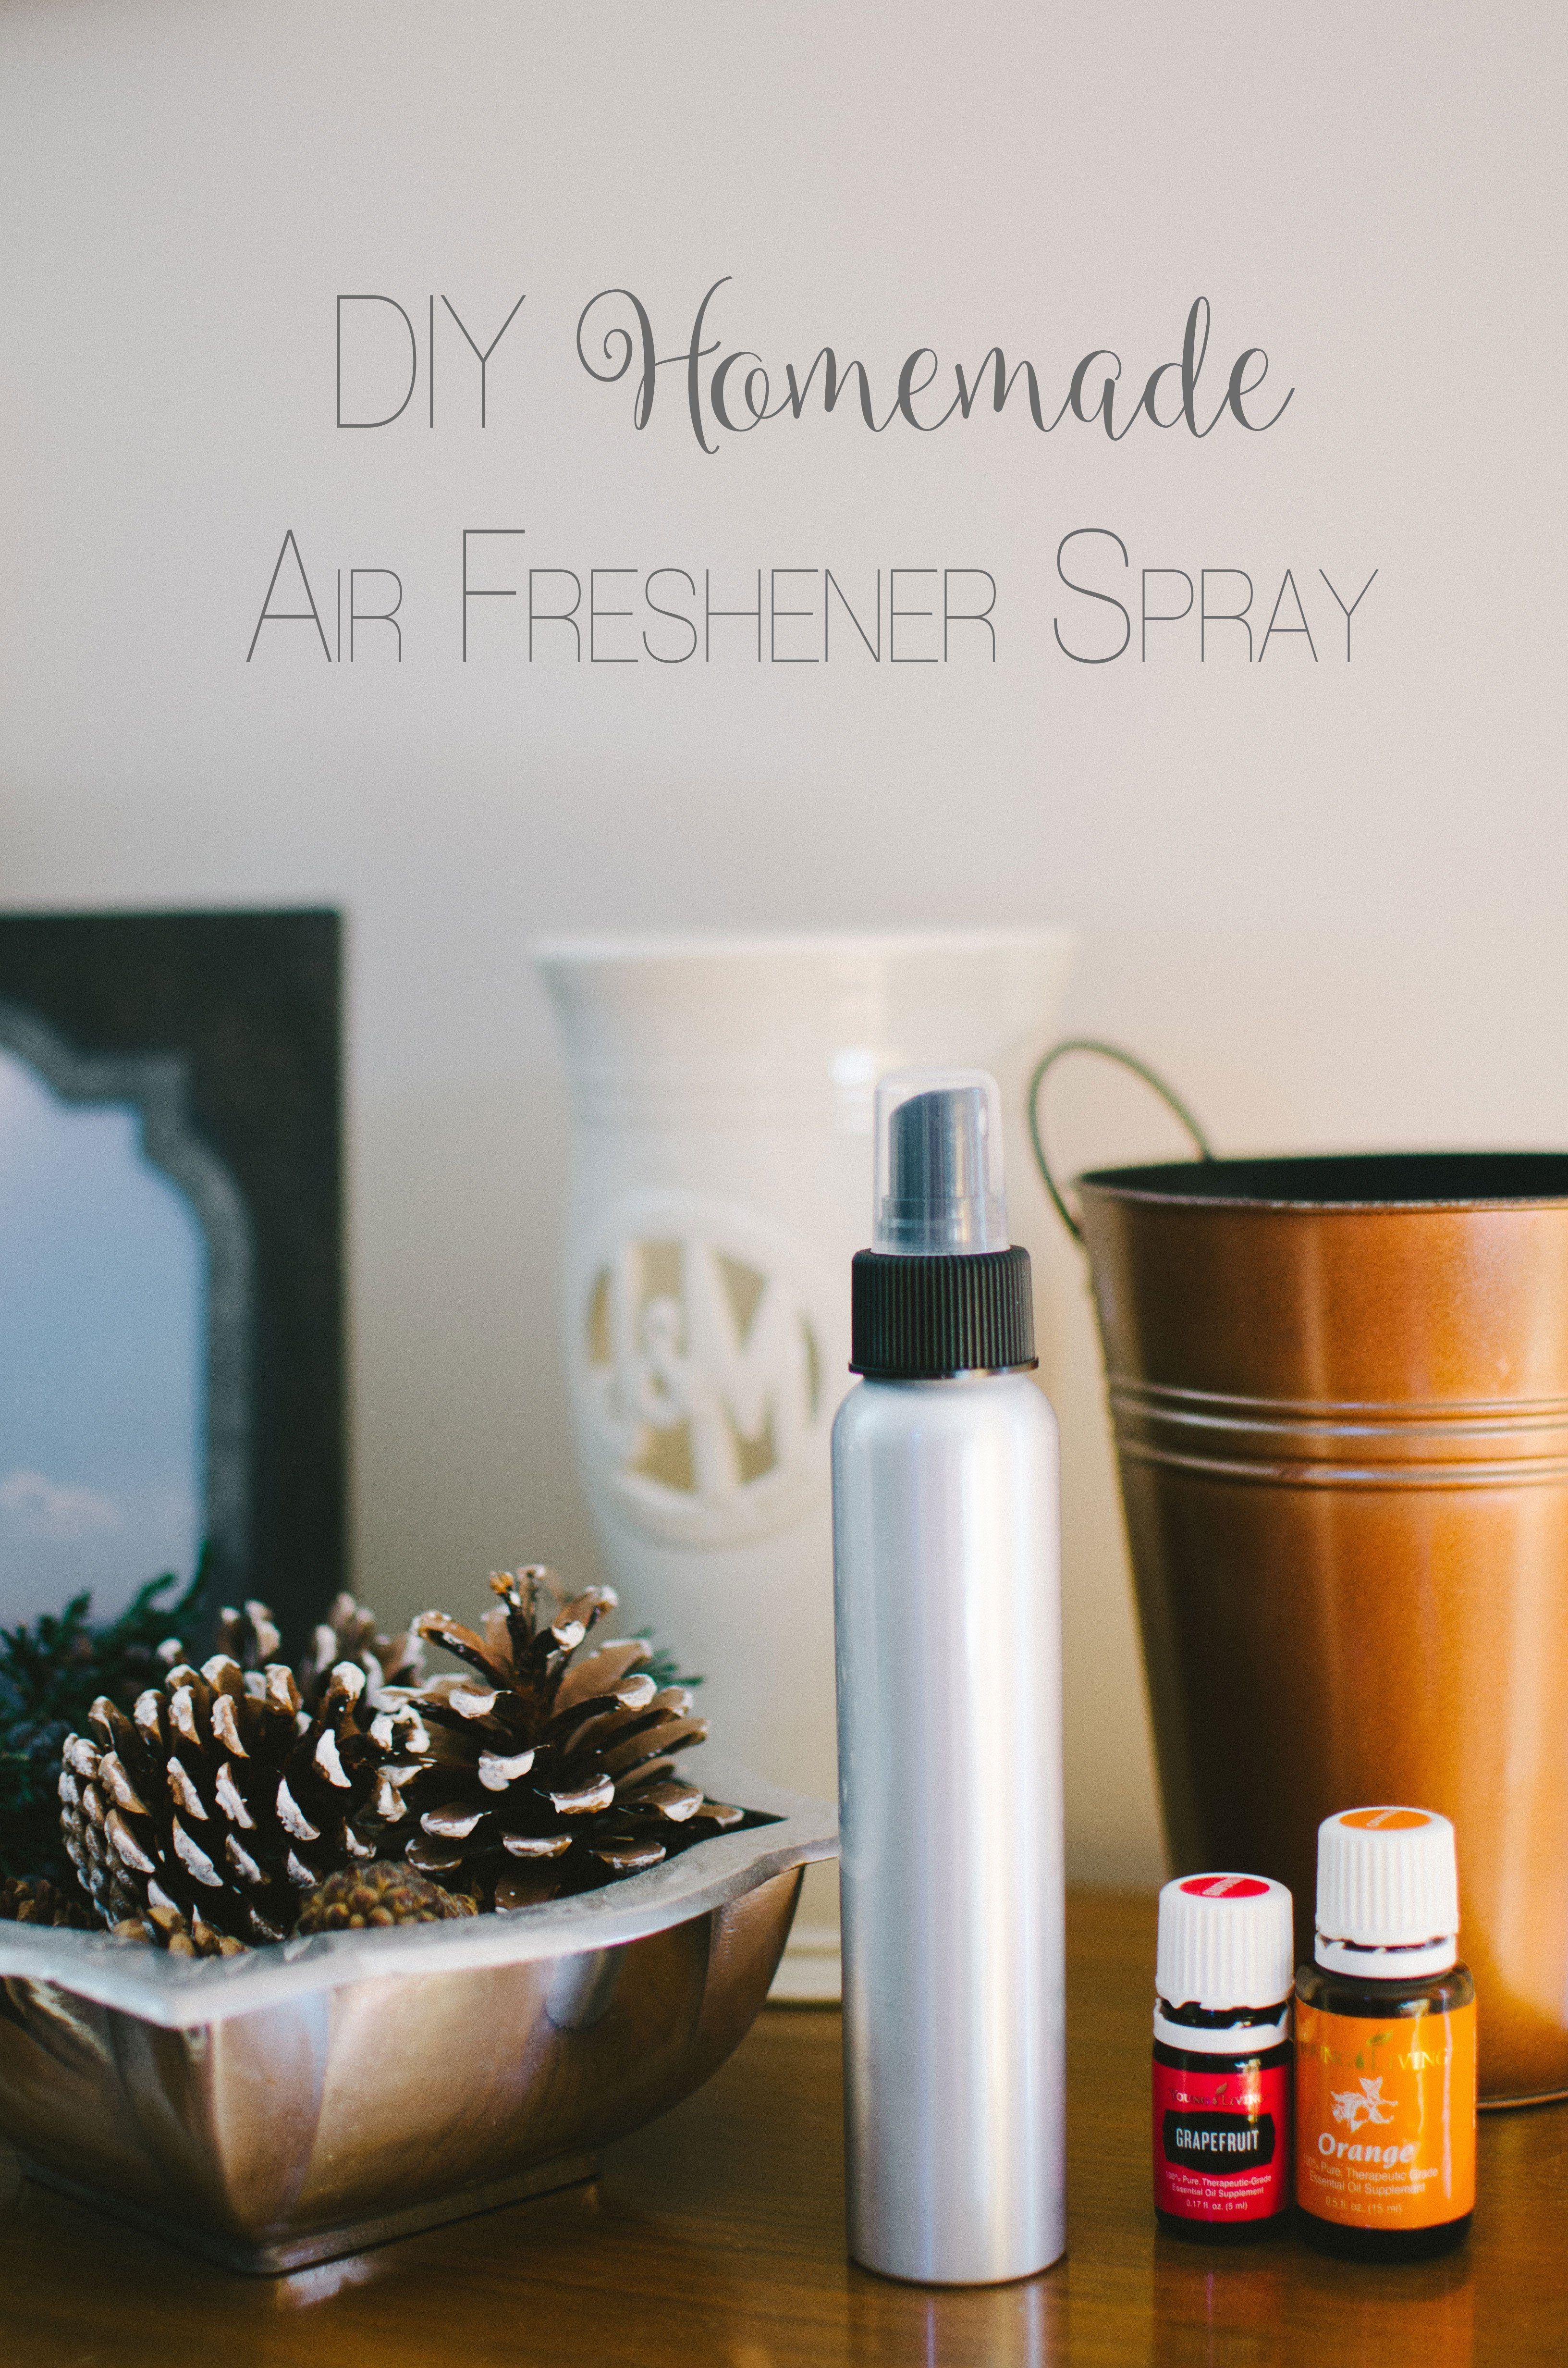 DIY NonToxic Homemade Air Freshener Spray Still Being